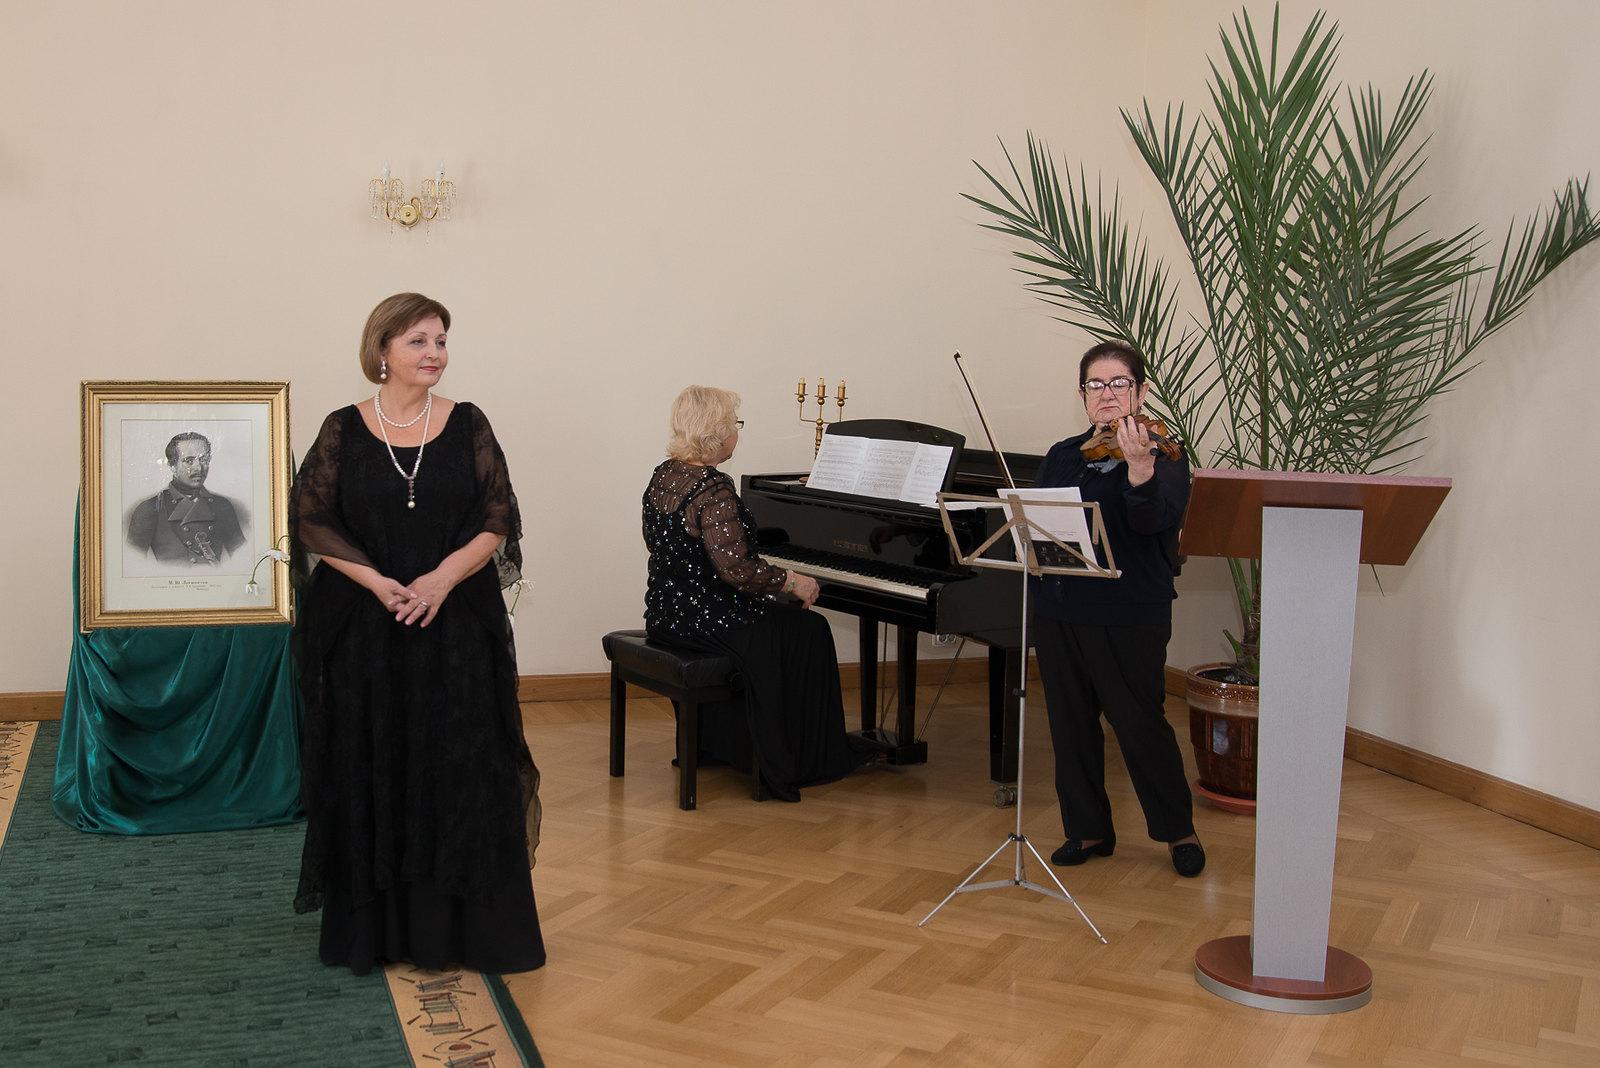 Концерт учащихся и профессионалов музыкальных школ г. Пензы в актовом зале музея «Тарханы»